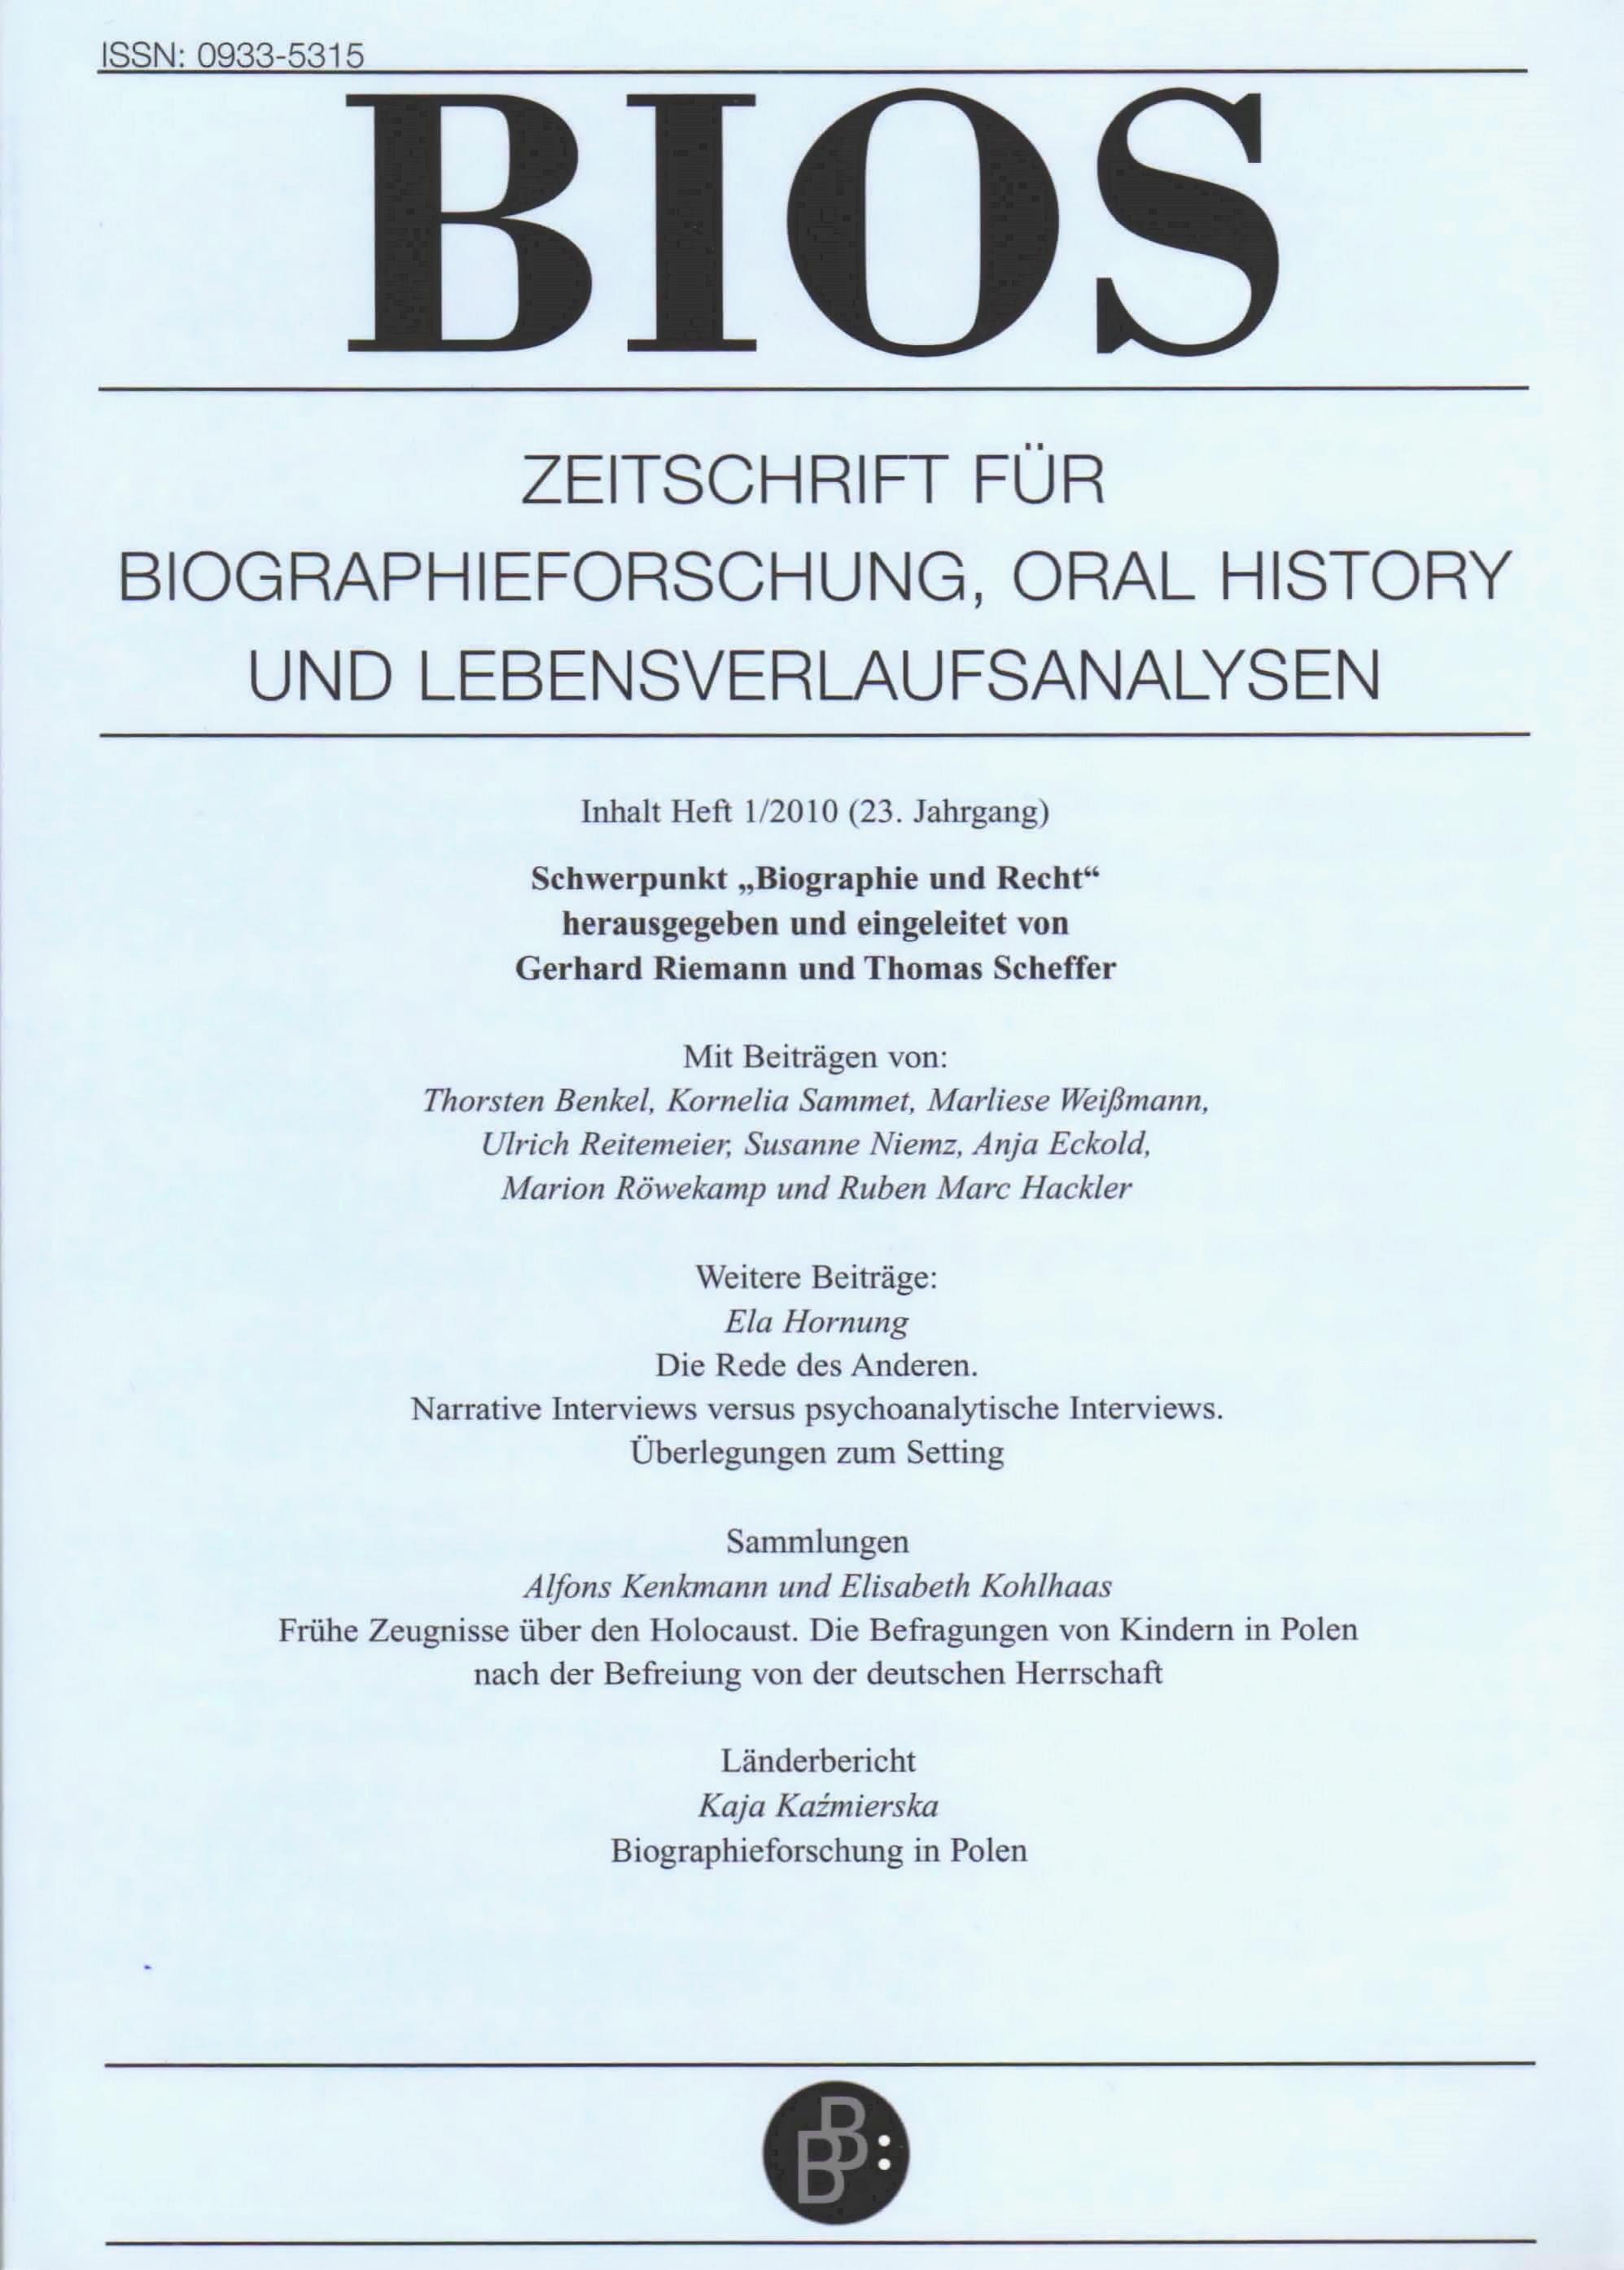 BIOS 1-2010 | Biographie und Recht